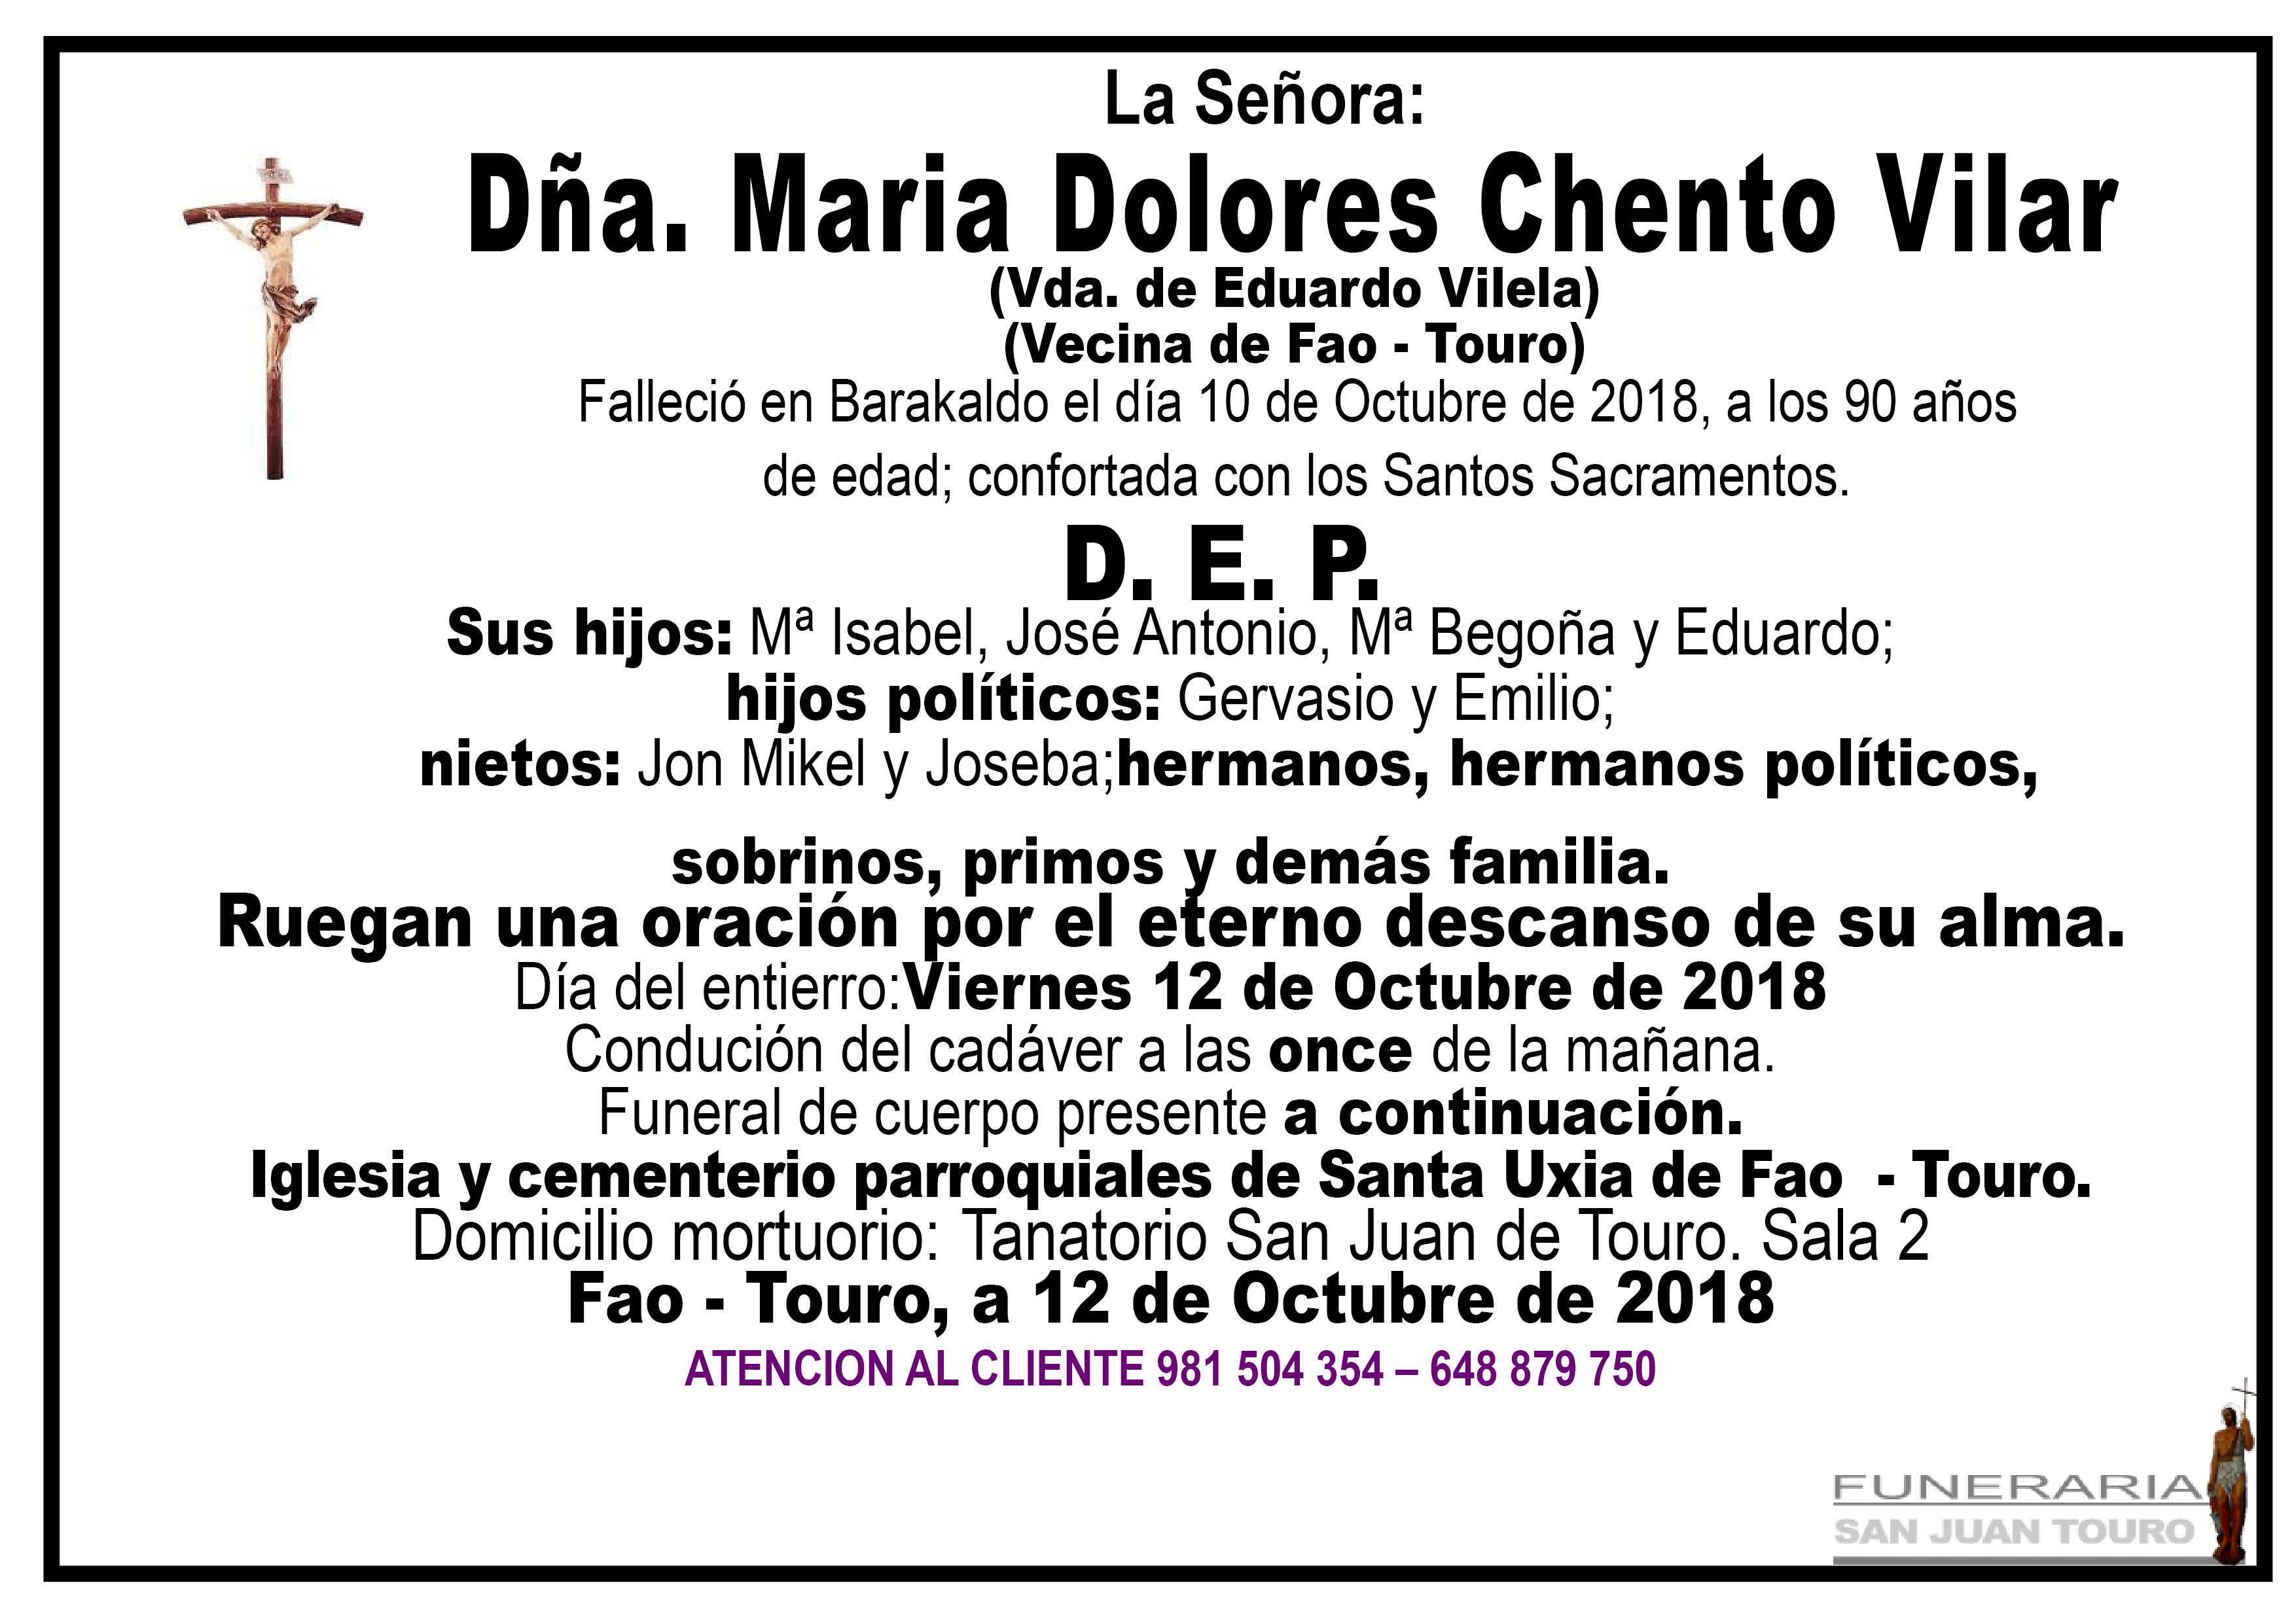 Esquela de SEPELIO DE DOÑA MARÍA DOLORES CHENTO VILAR